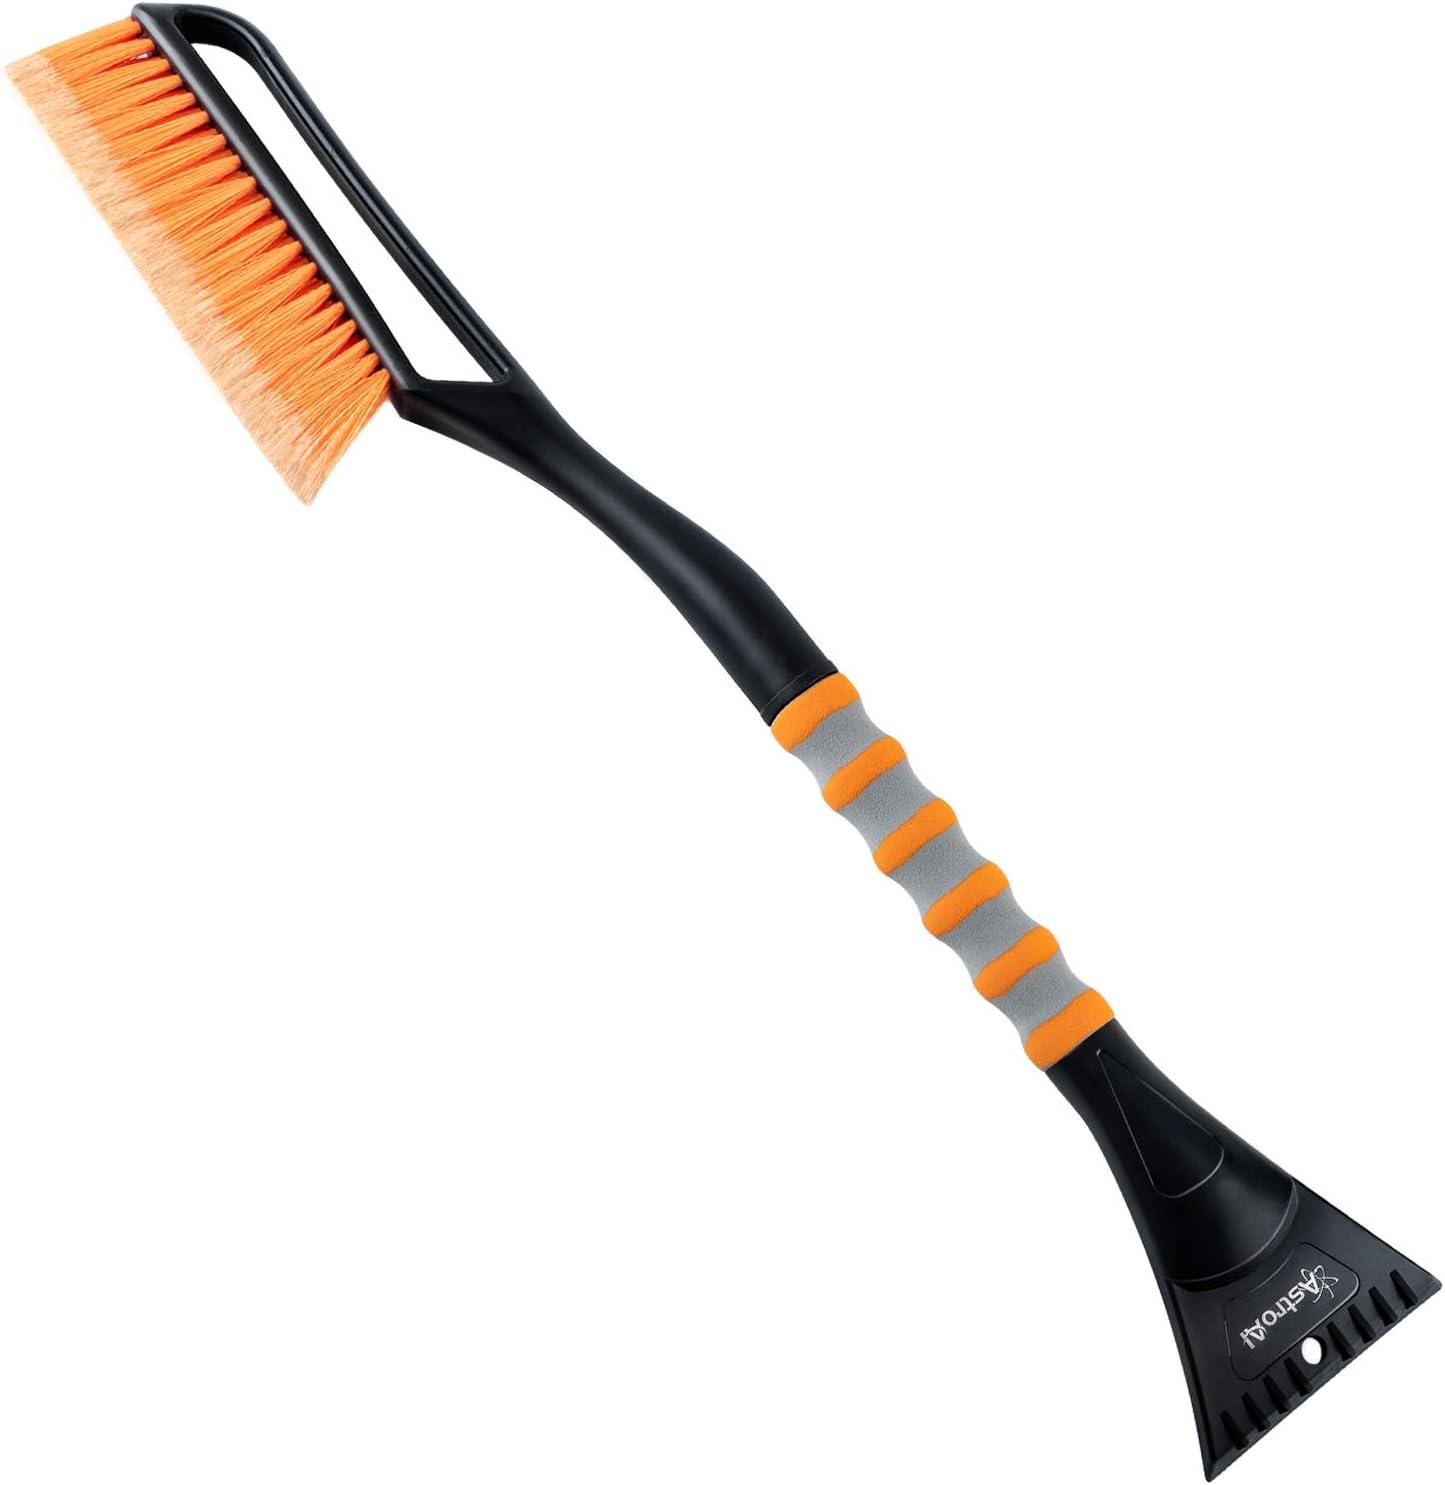 AstroAI 27-inch Brush/Ice Scraper